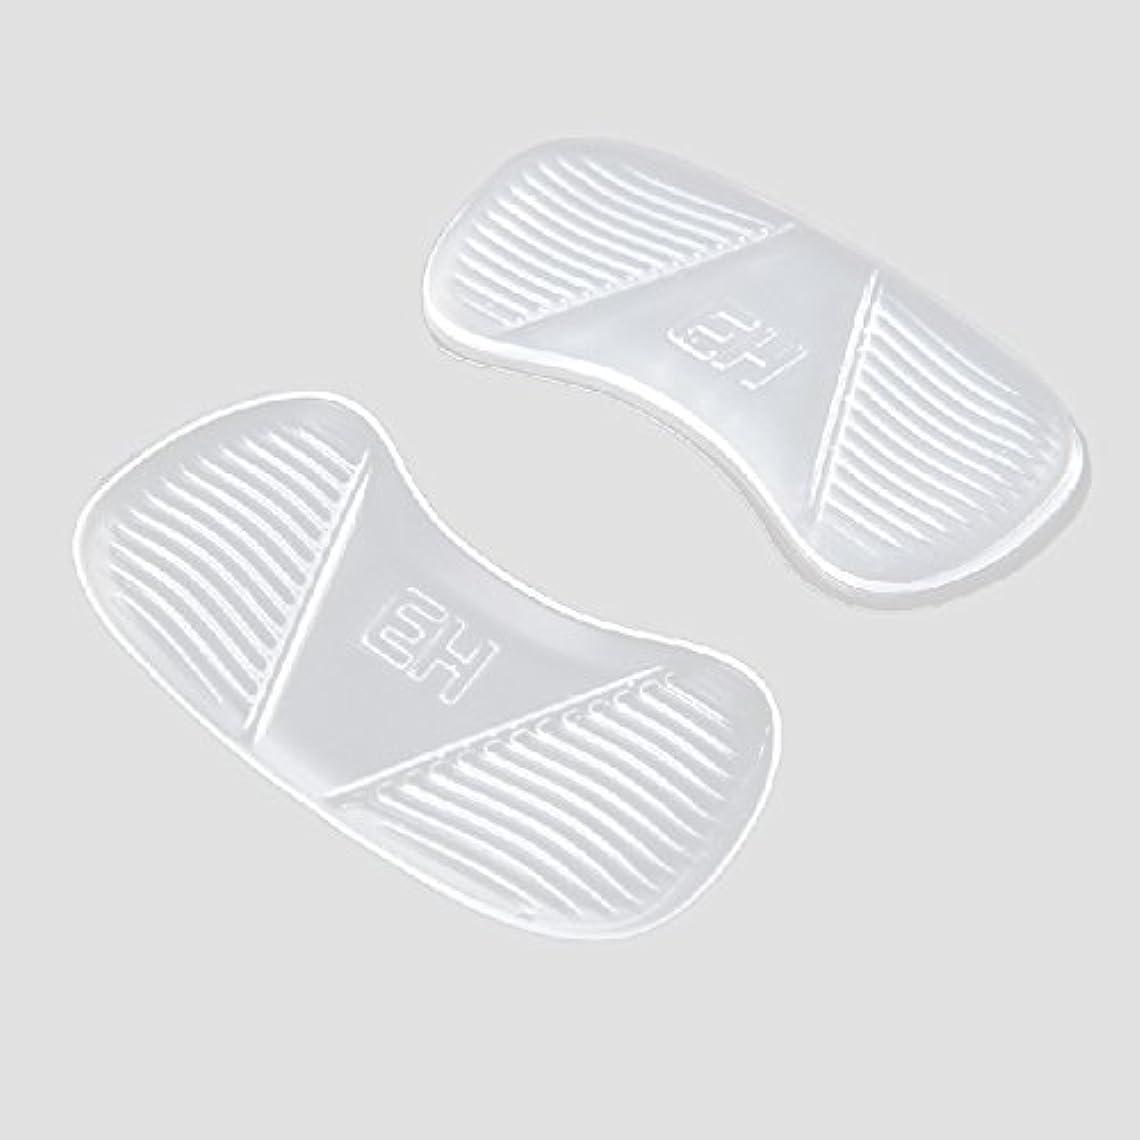 アイデア死ぬ膨張するKonmed ヒールバック枕 靴用パッド